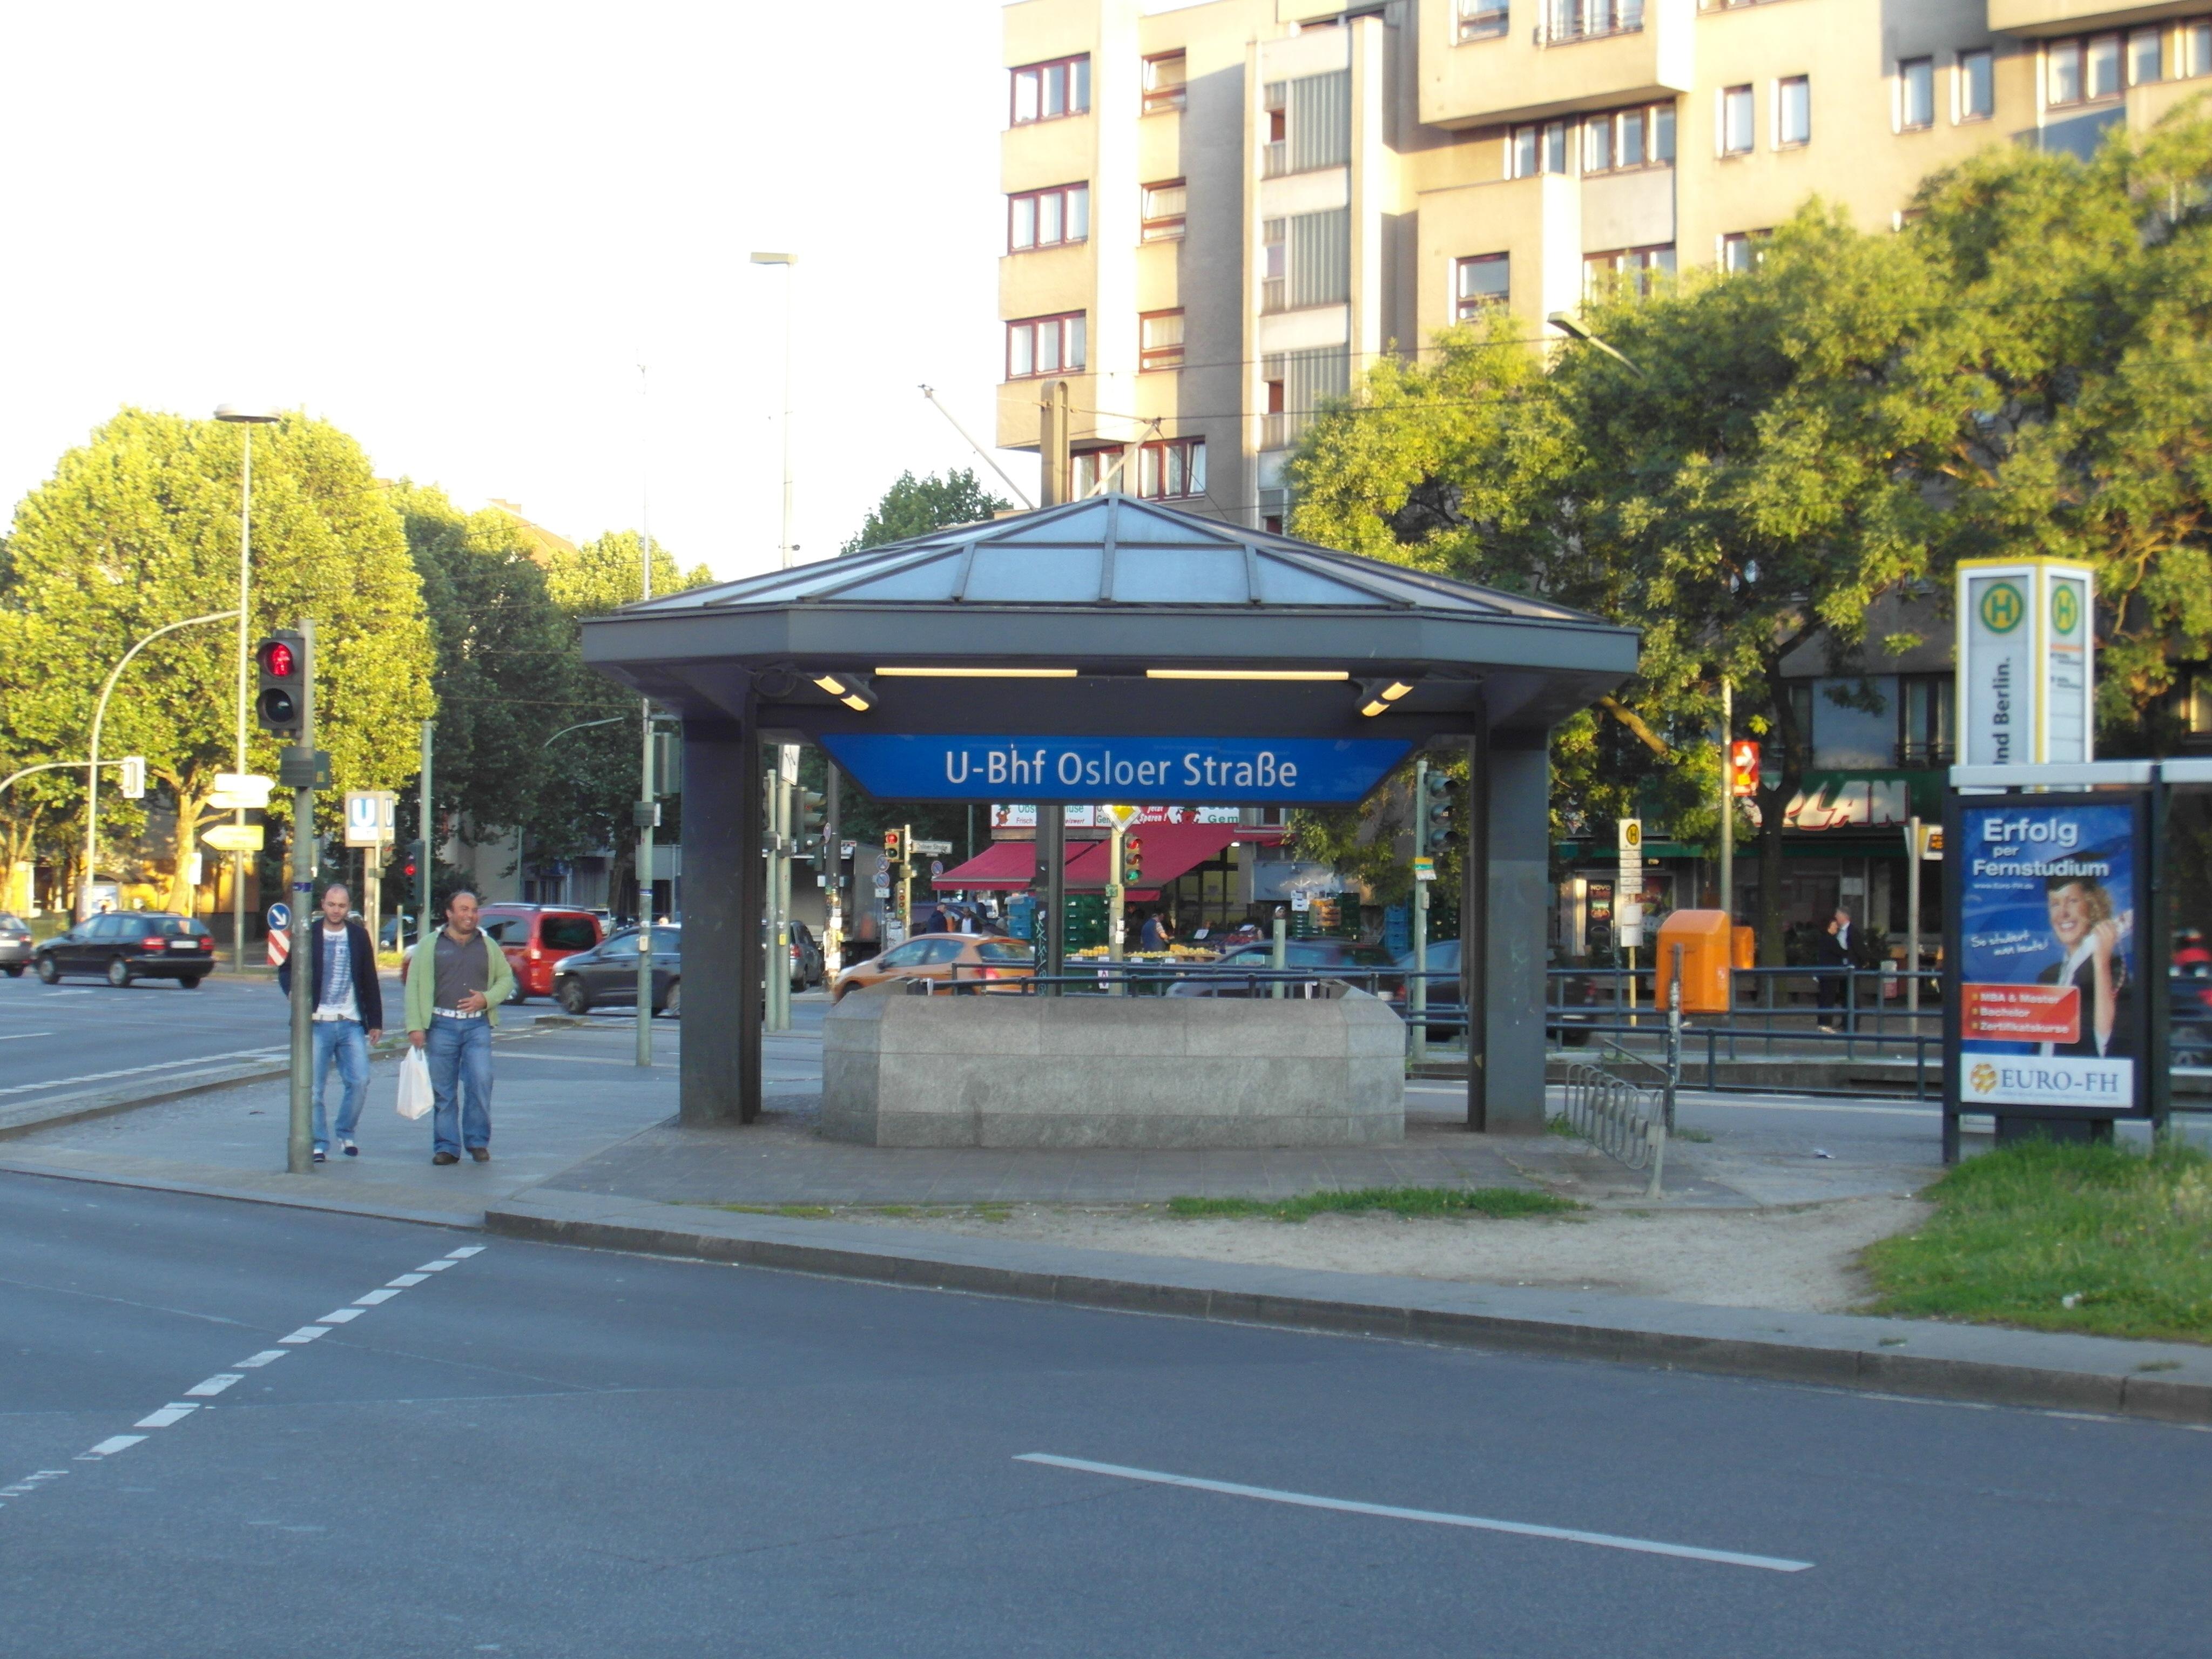 File:Berlin - U-Bahnhof Osloer Straße - Linien U8, U9 ...